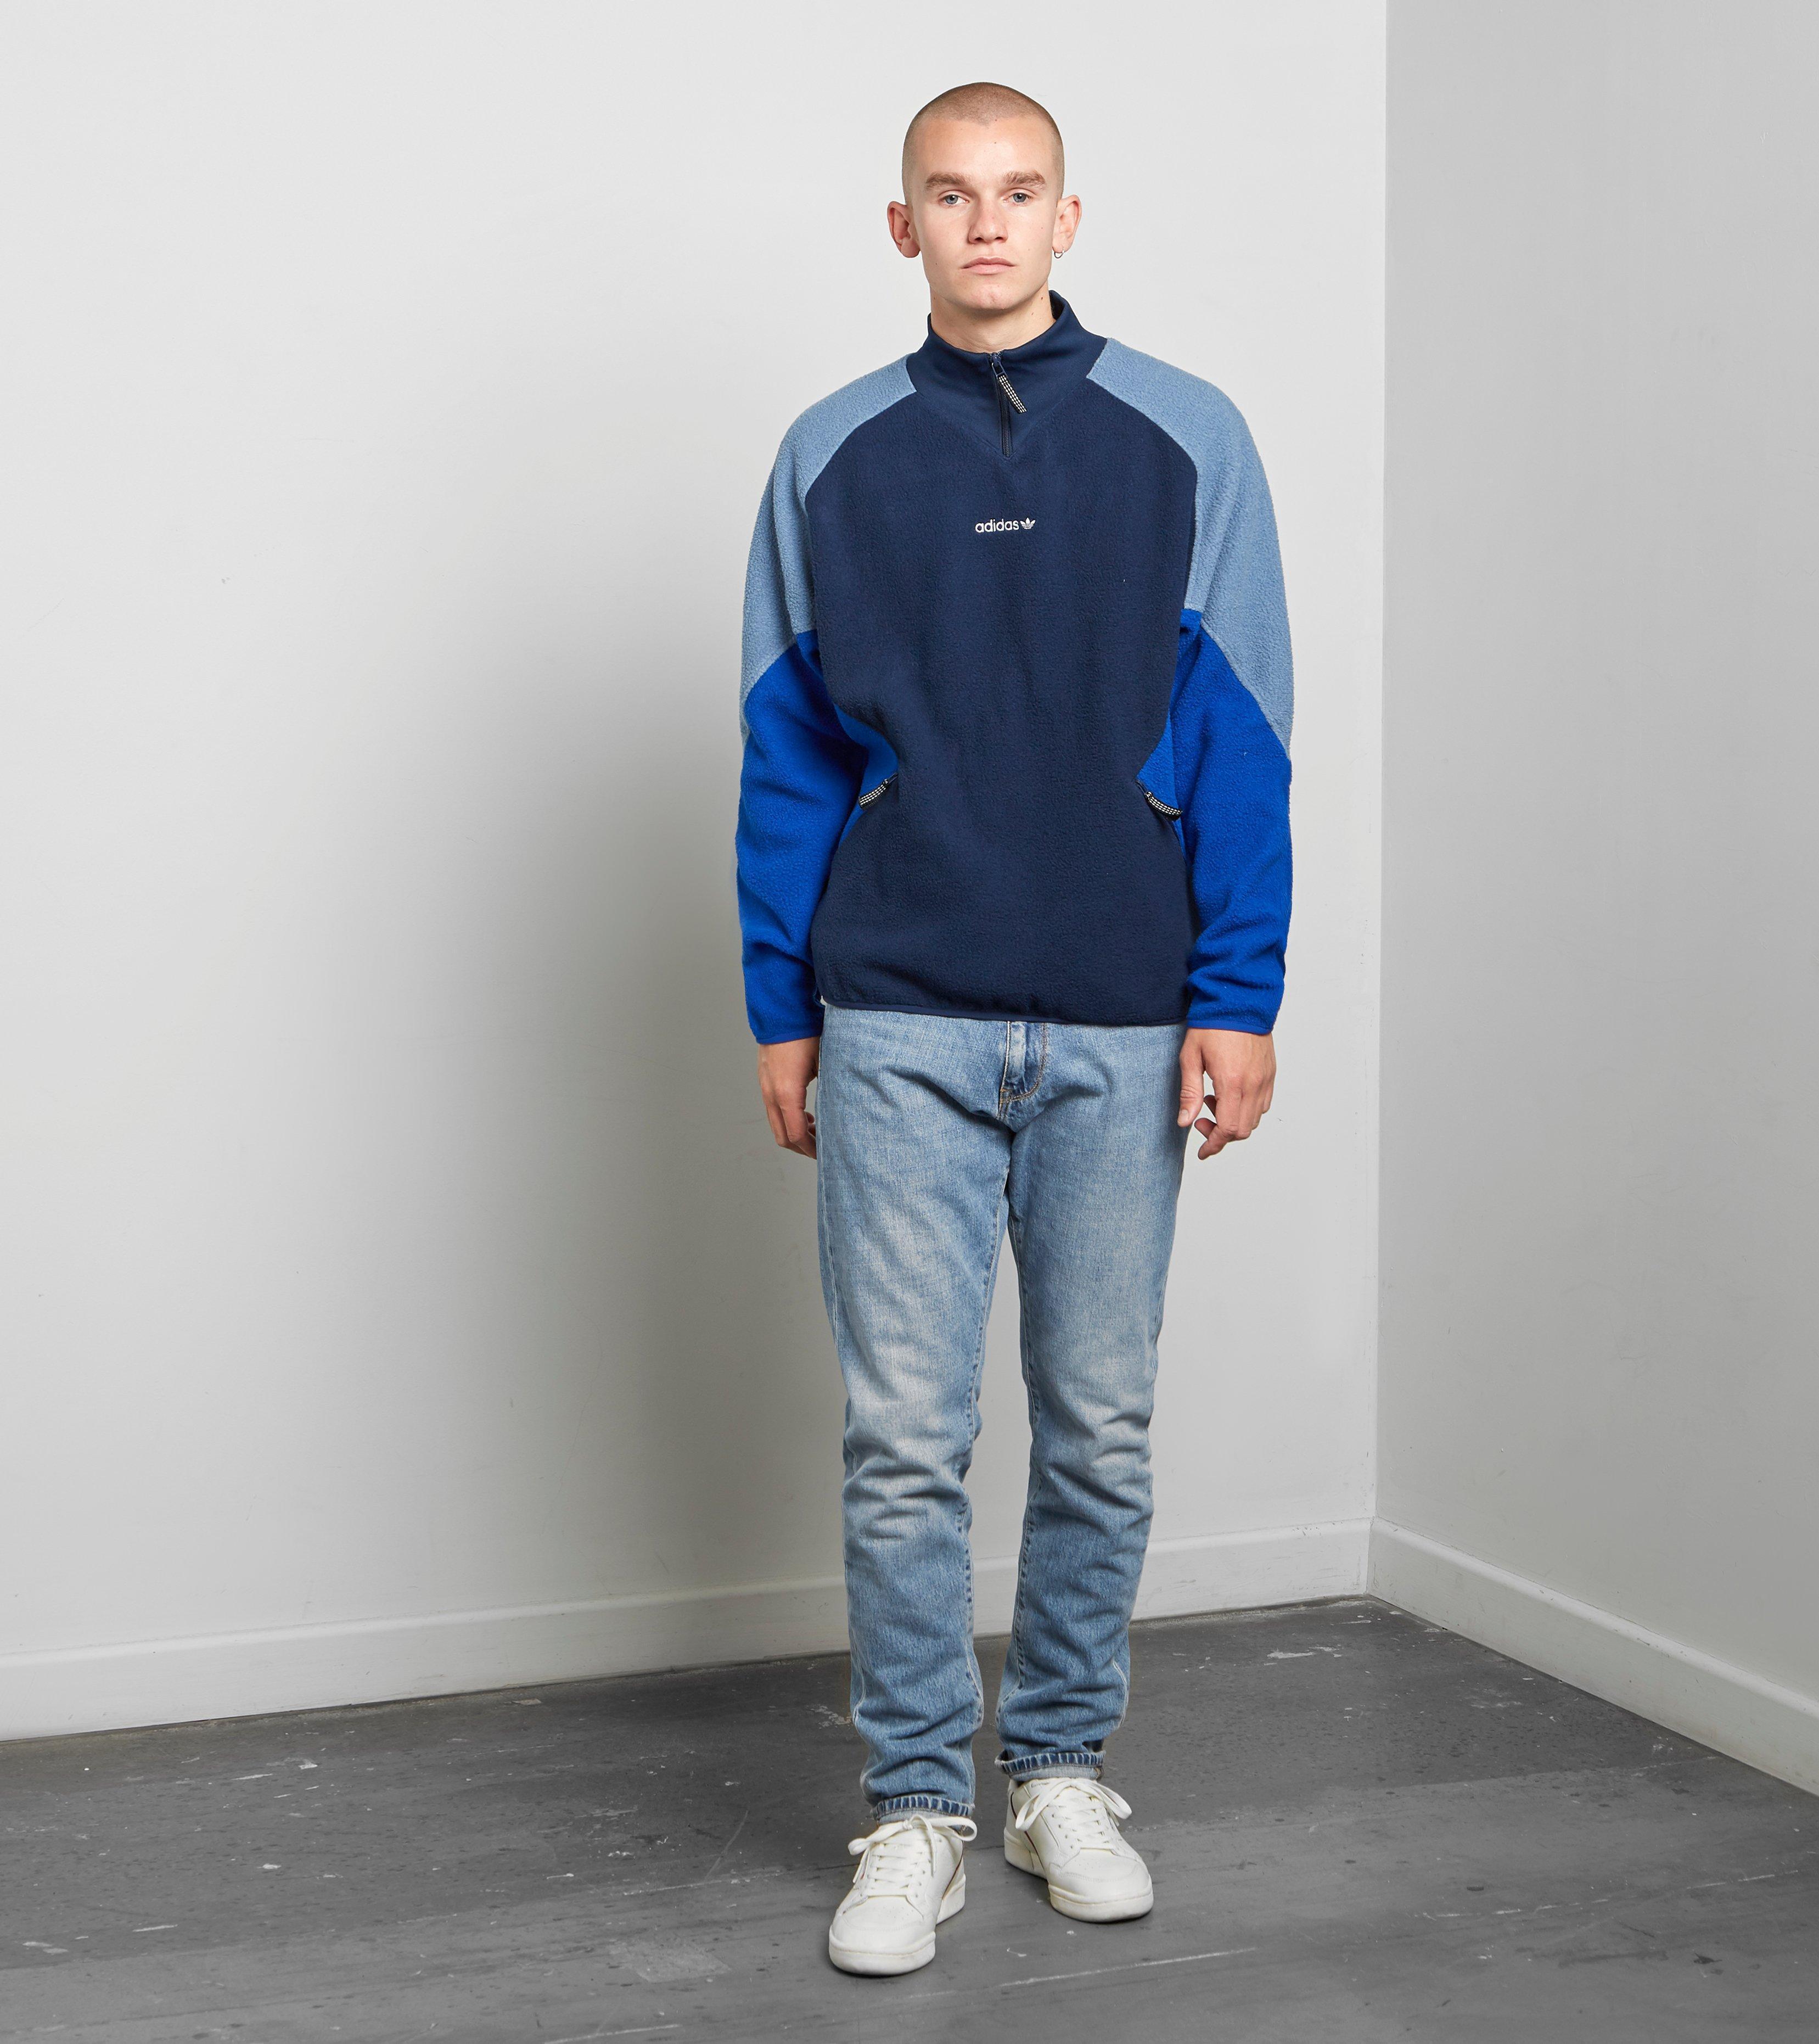 13371f879570 Lyst - adidas Originals Eqt Polar Fleece Jacket in Blue for Men